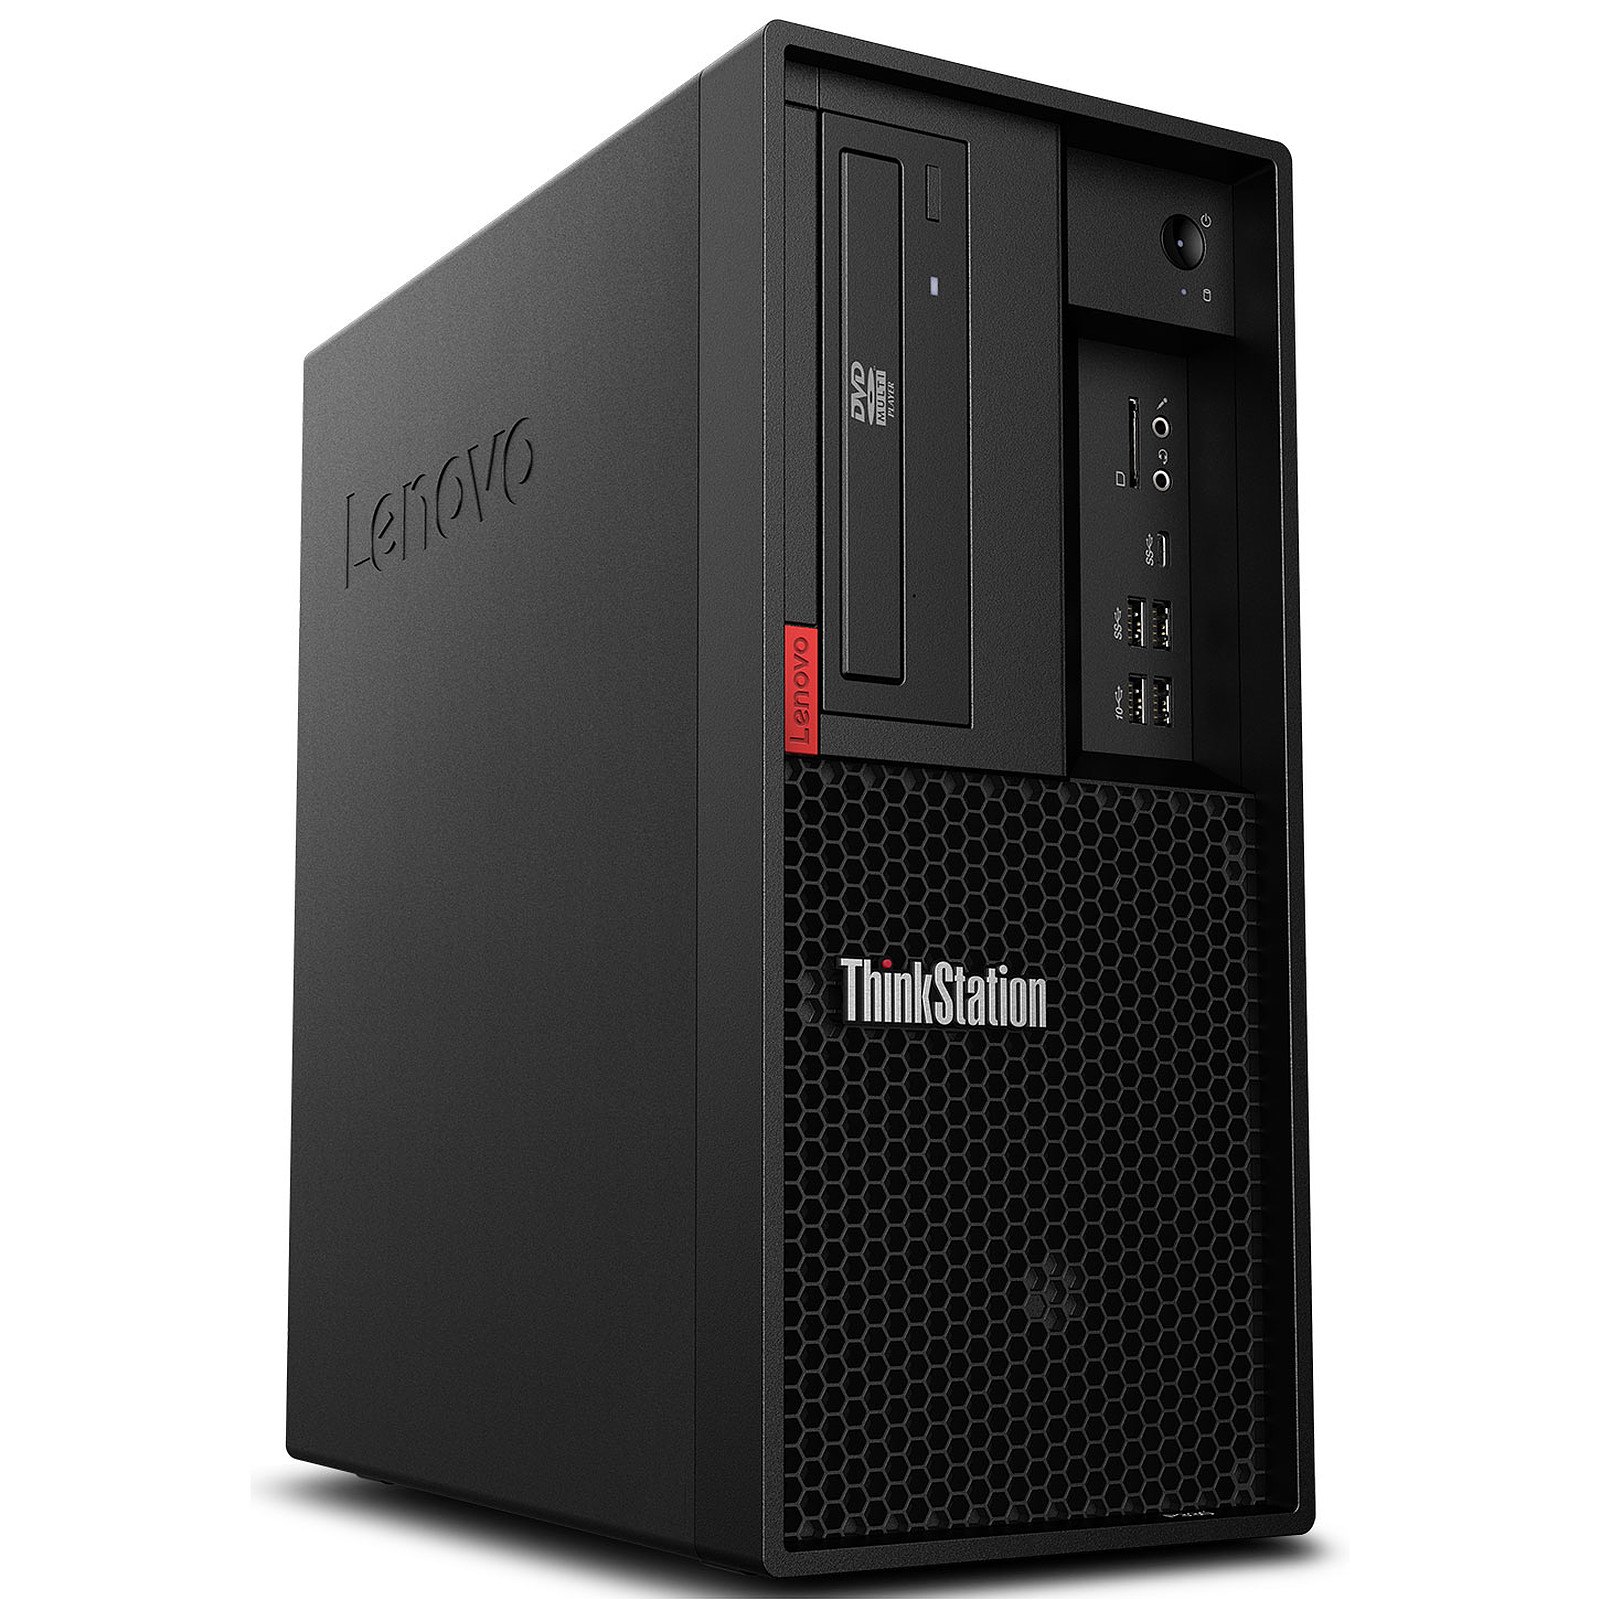 Lenovo ThinkStation P330 (30CY002YFR)